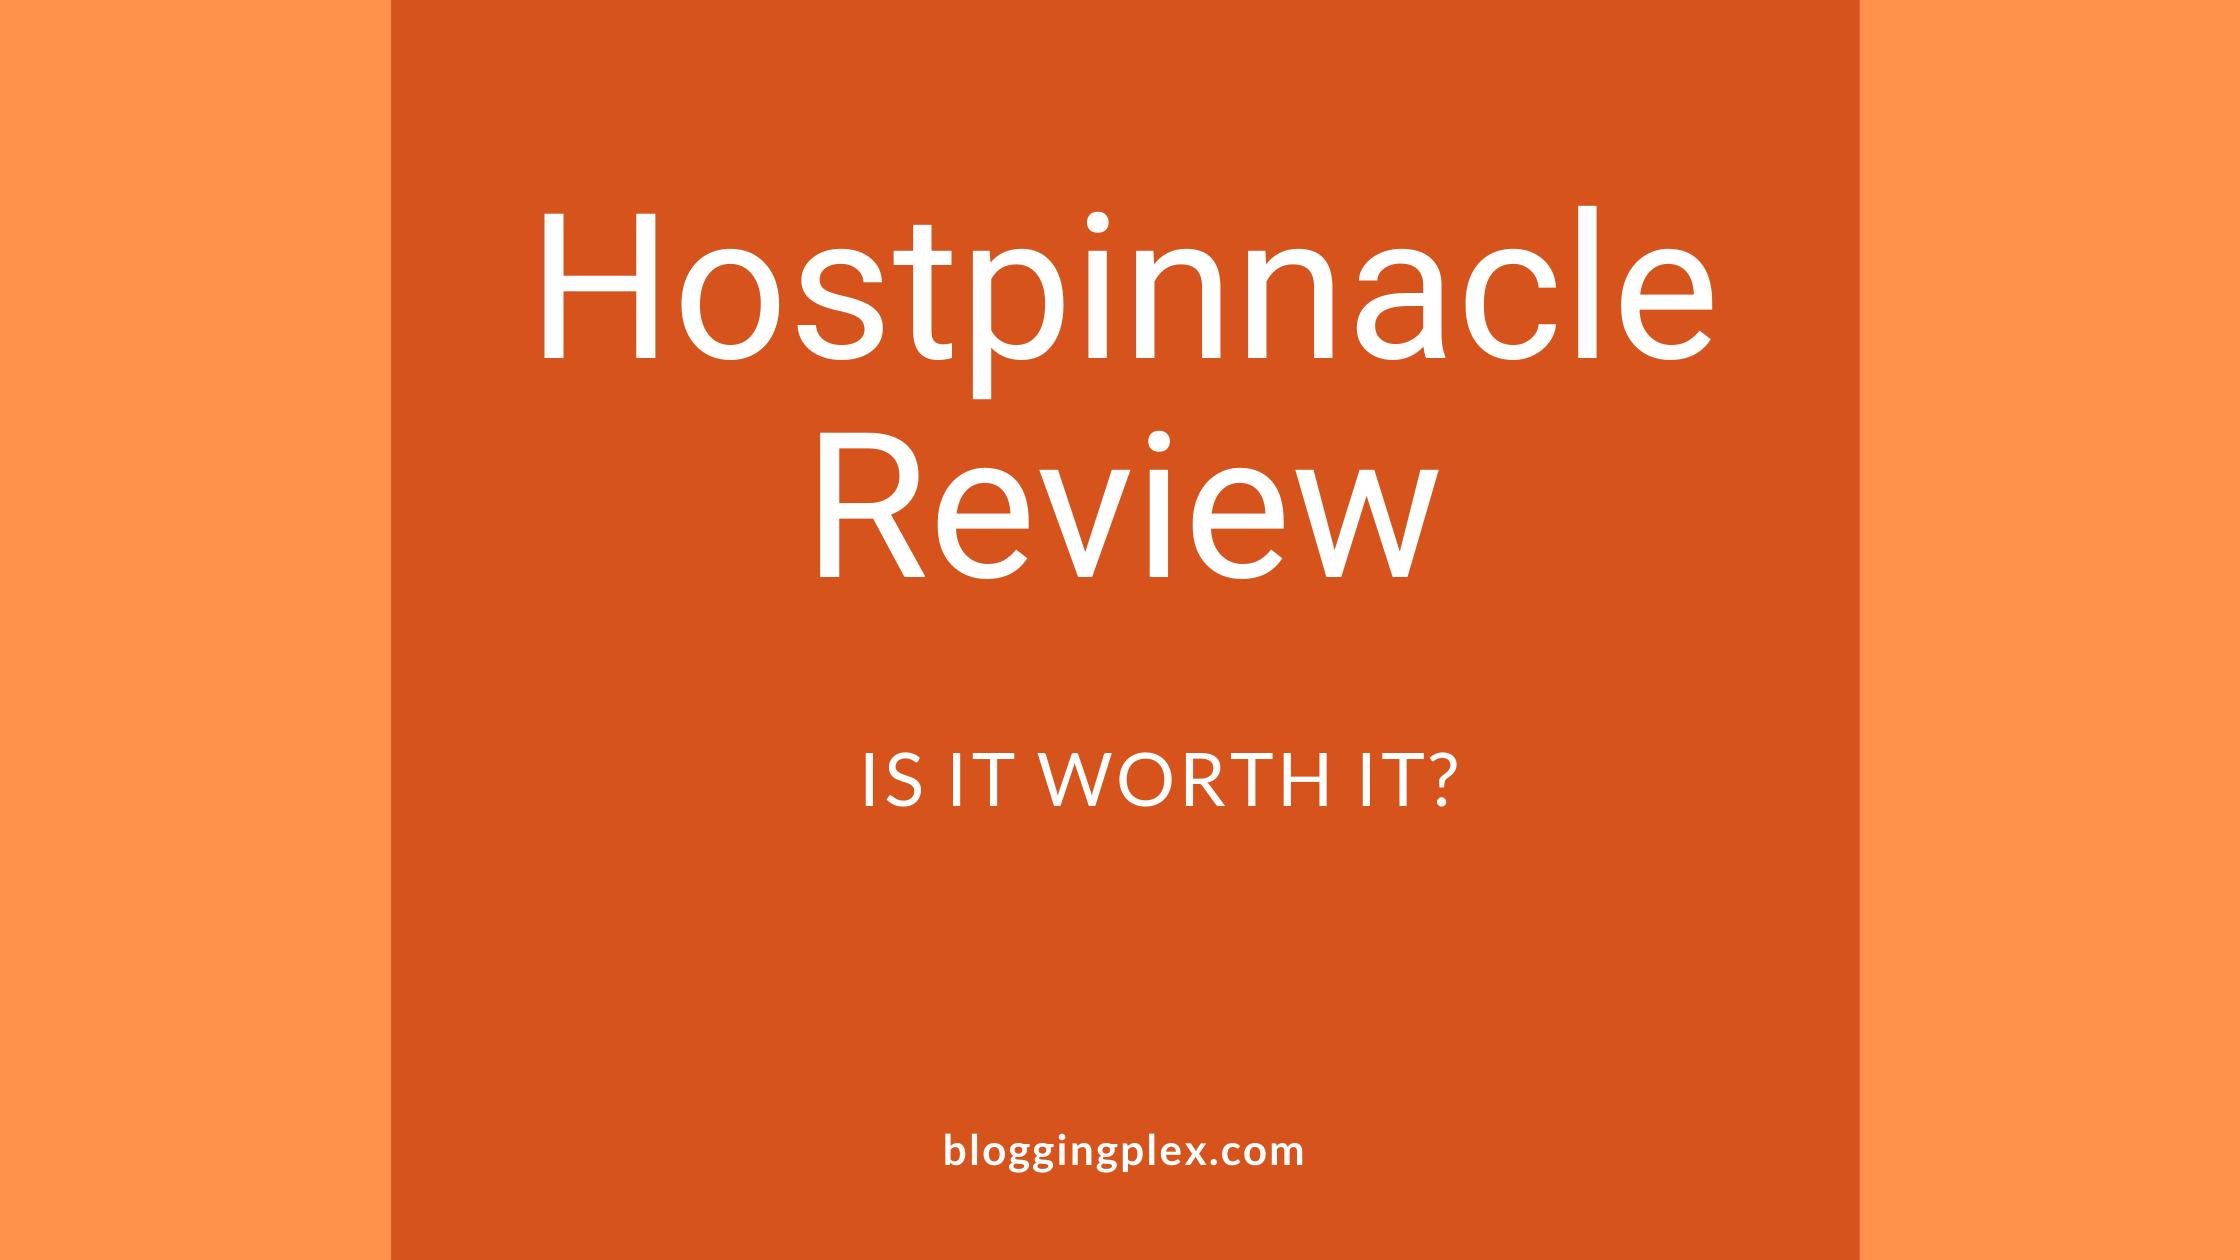 Hostpinnacle review 2021